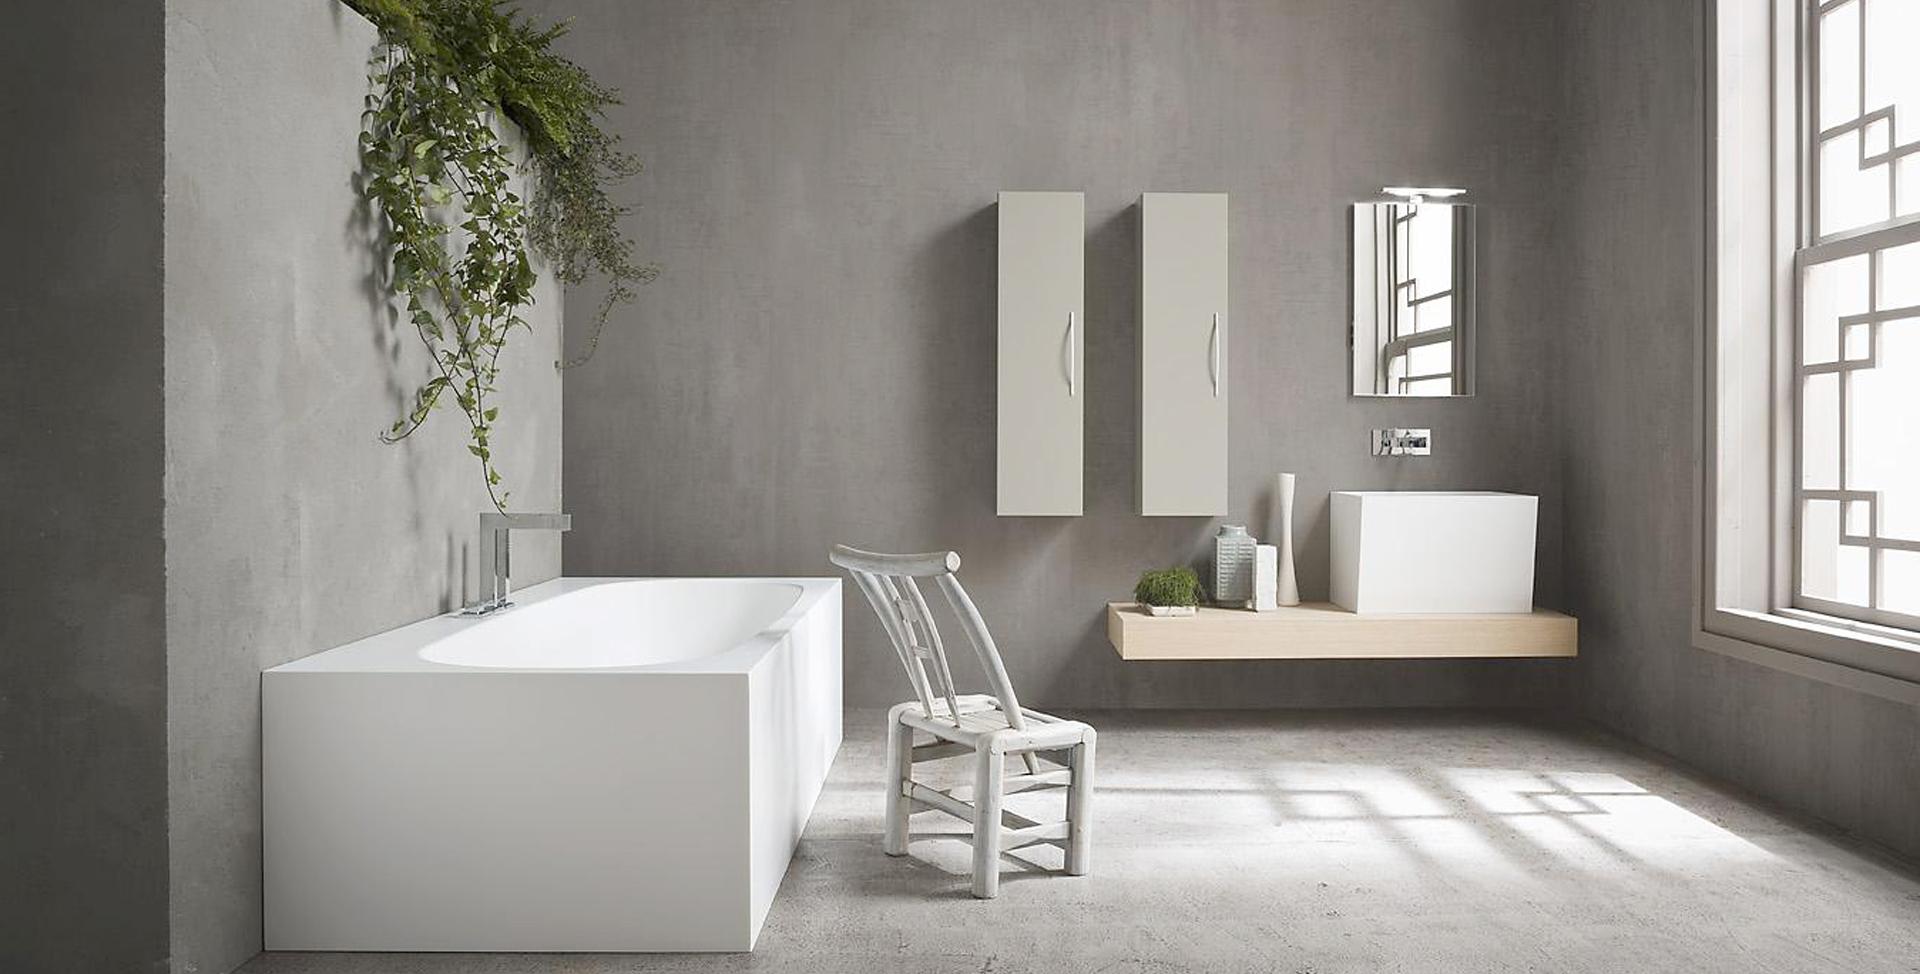 Le temps d'un bain à boulogne, salle de bains design, carrelage